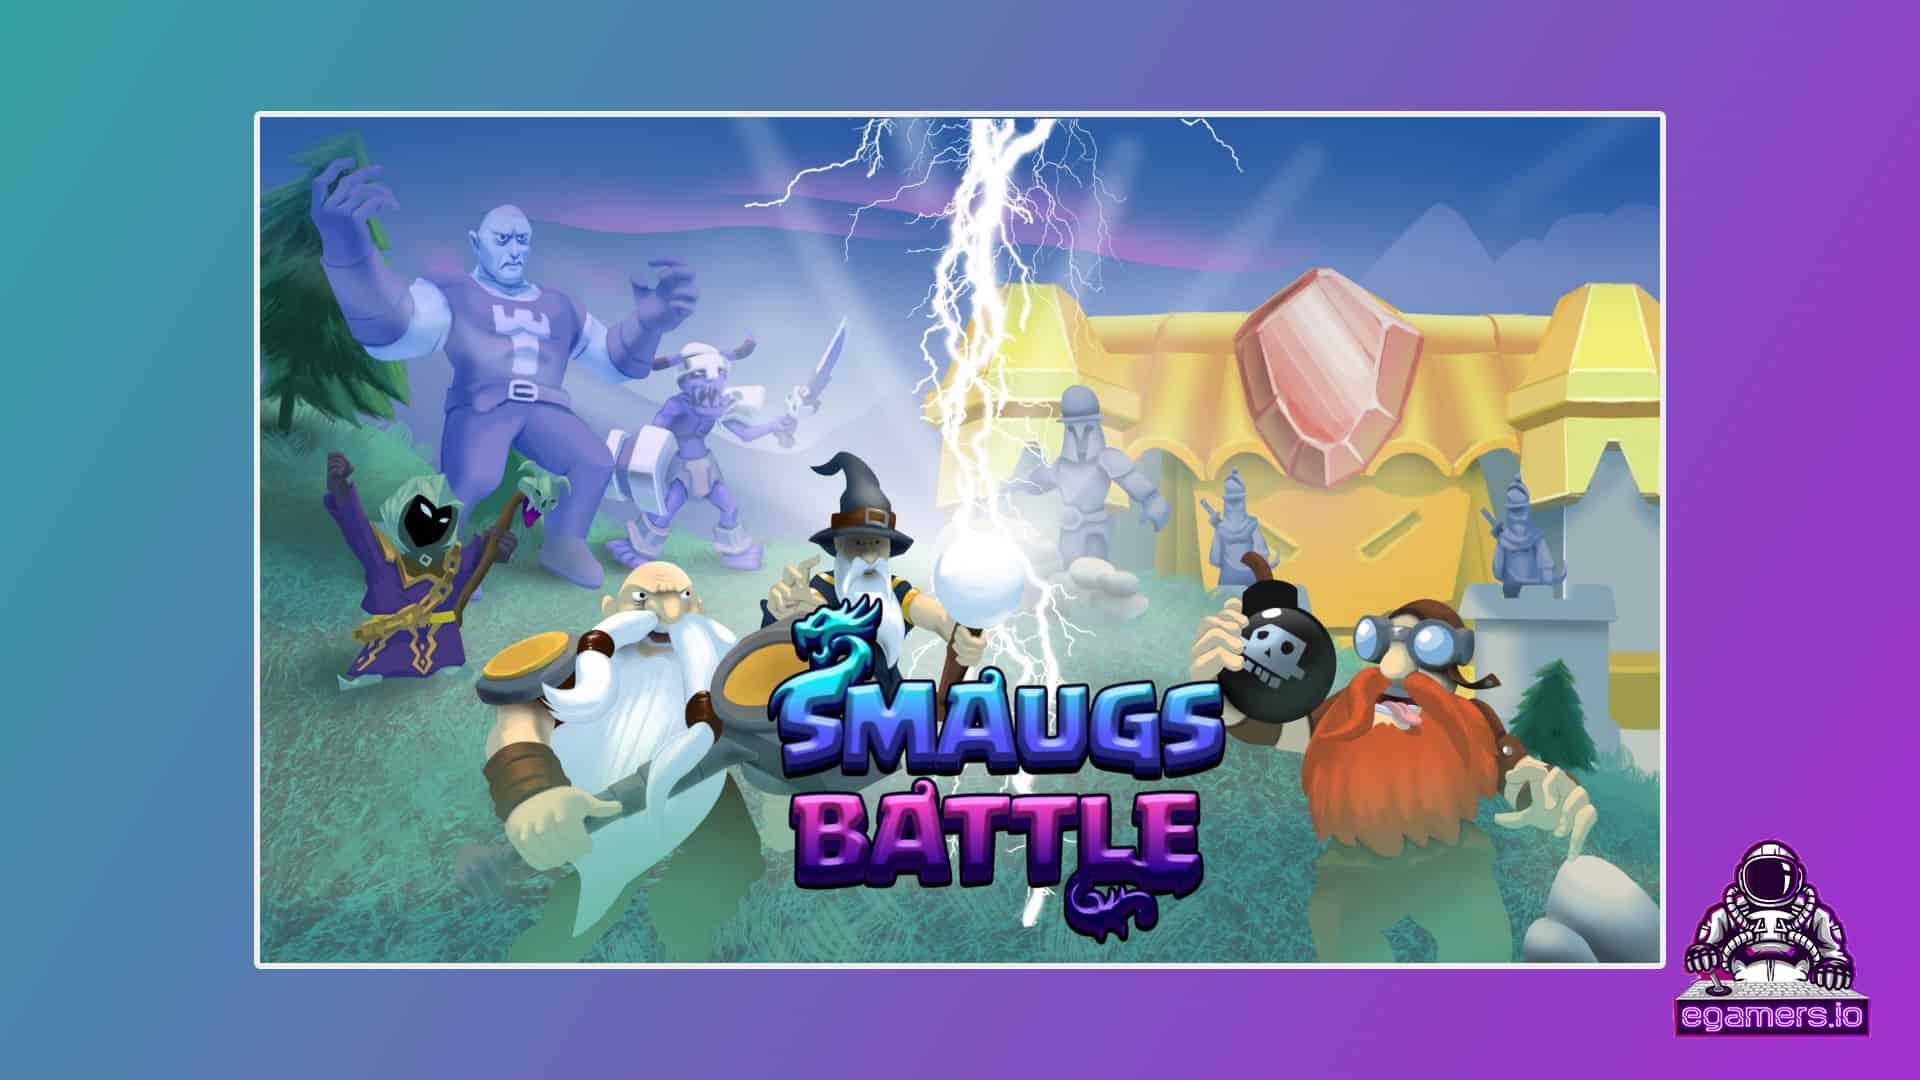 Smaugs Battle